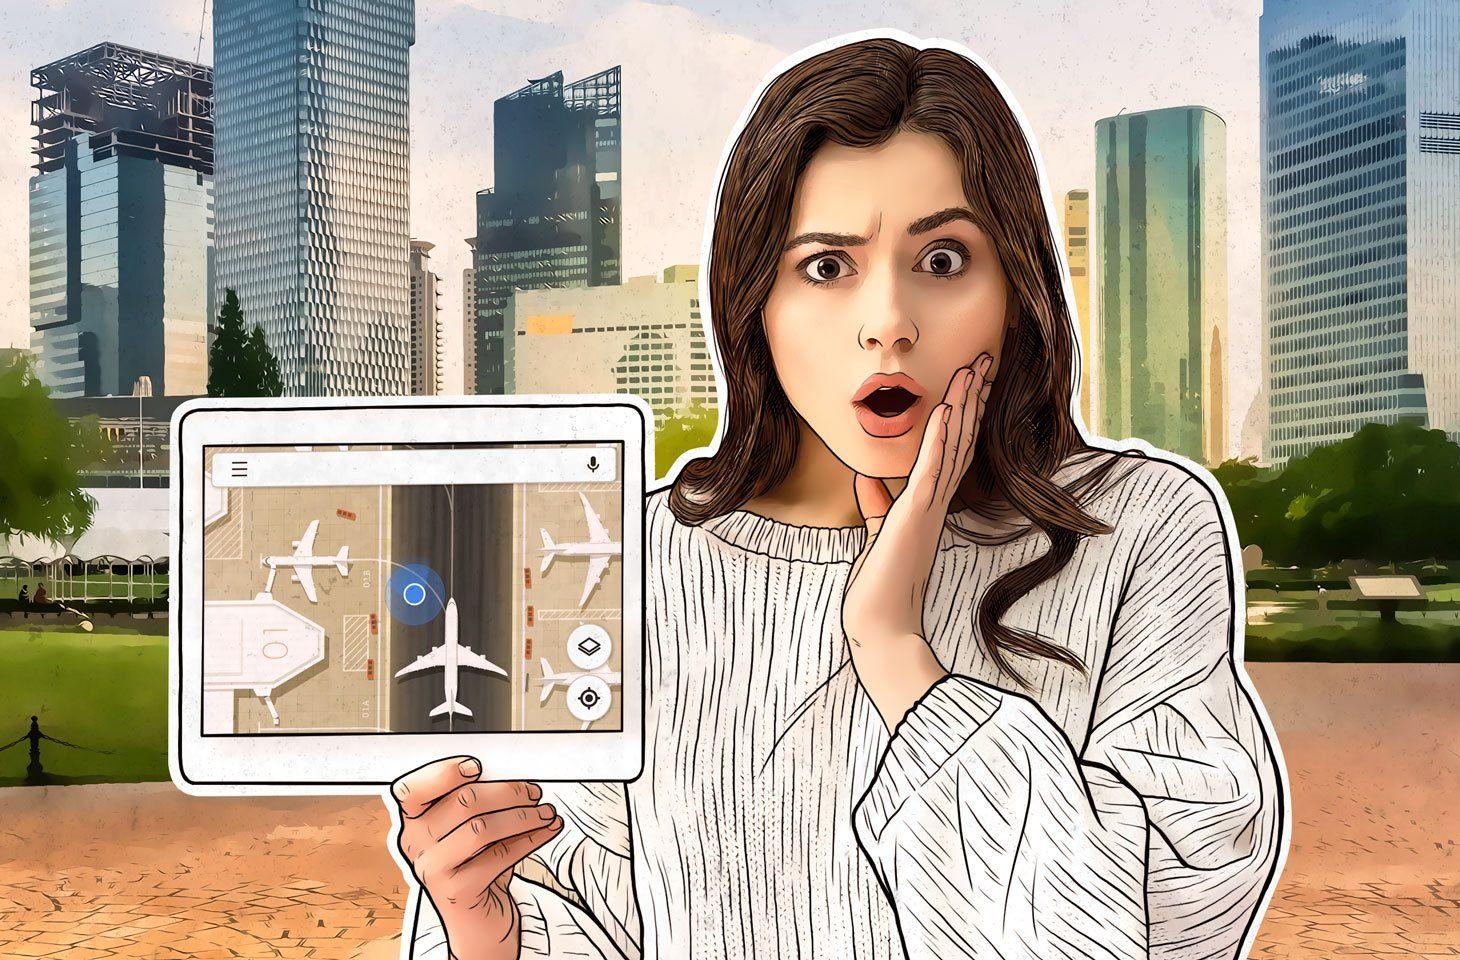 ¿Alguna vez tu navegador ha falseado tu ubicación? Bienvenido a la suplantación de GPS